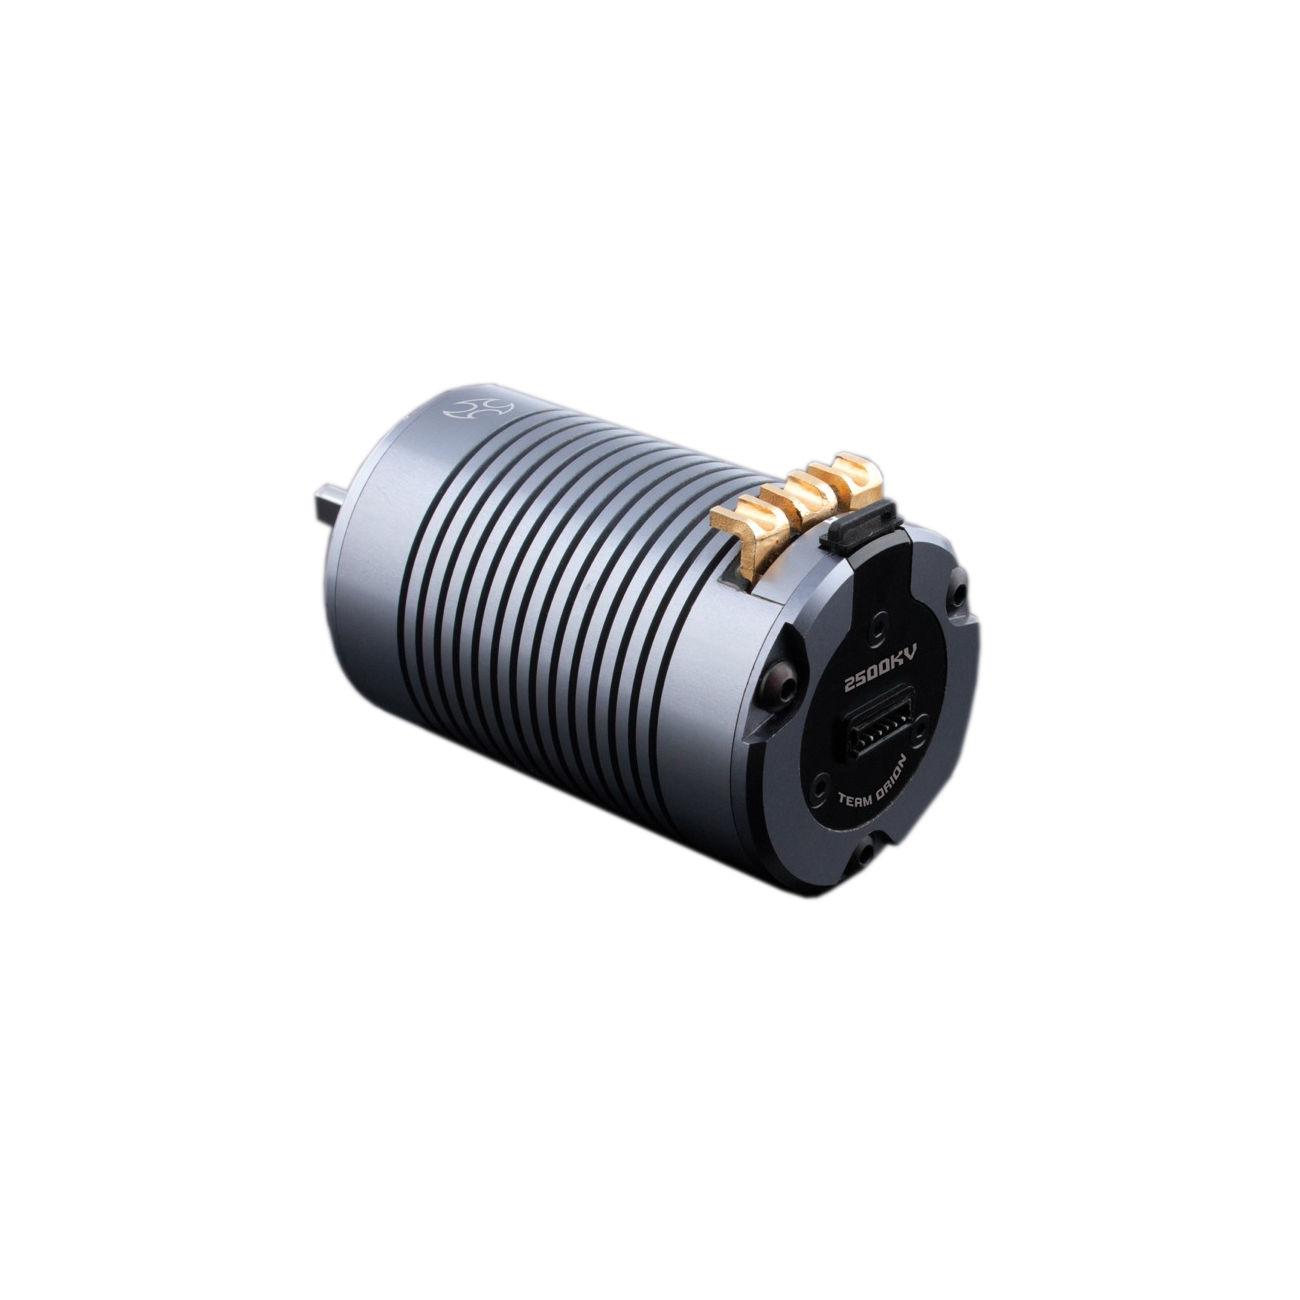 Team Orion Vortex Vst2 Pro 690 Brushless Motor Sensor 4